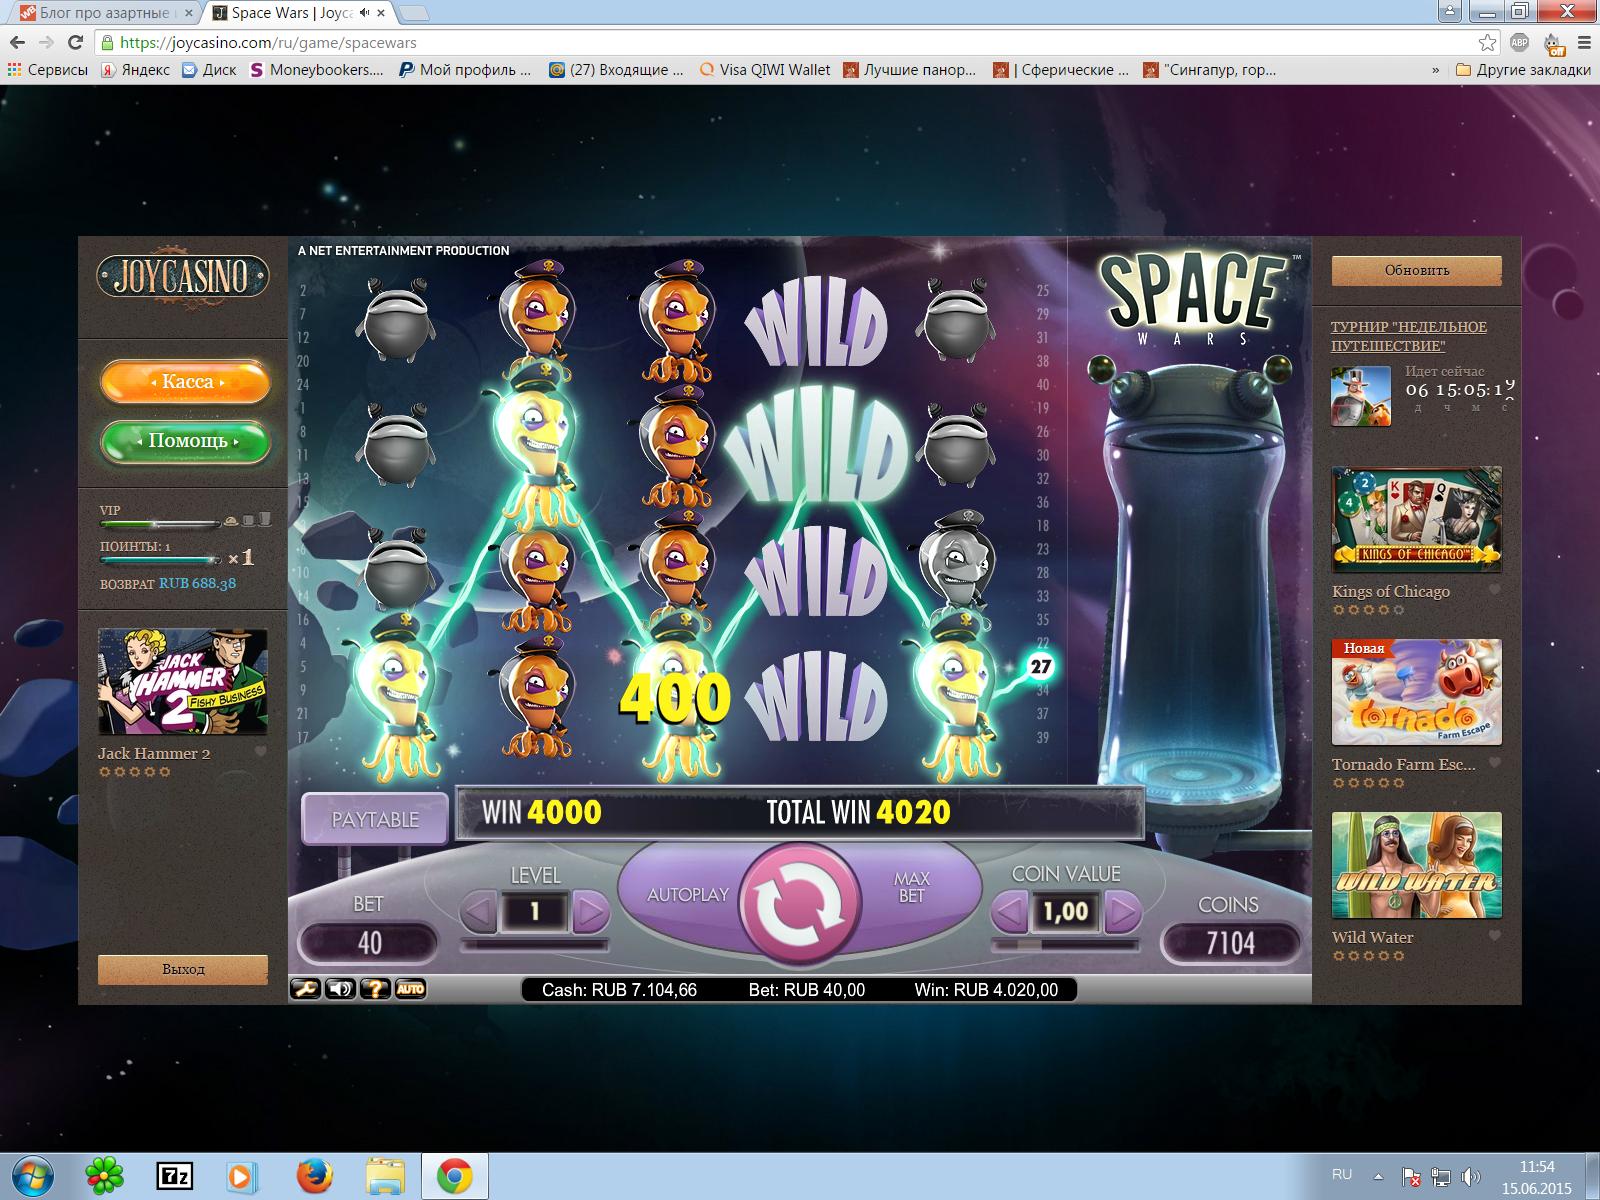 Скачать бесплатно игровые автоматы нокиа s40 казино оракул азов сити играть онлайн игровые автоматы играть